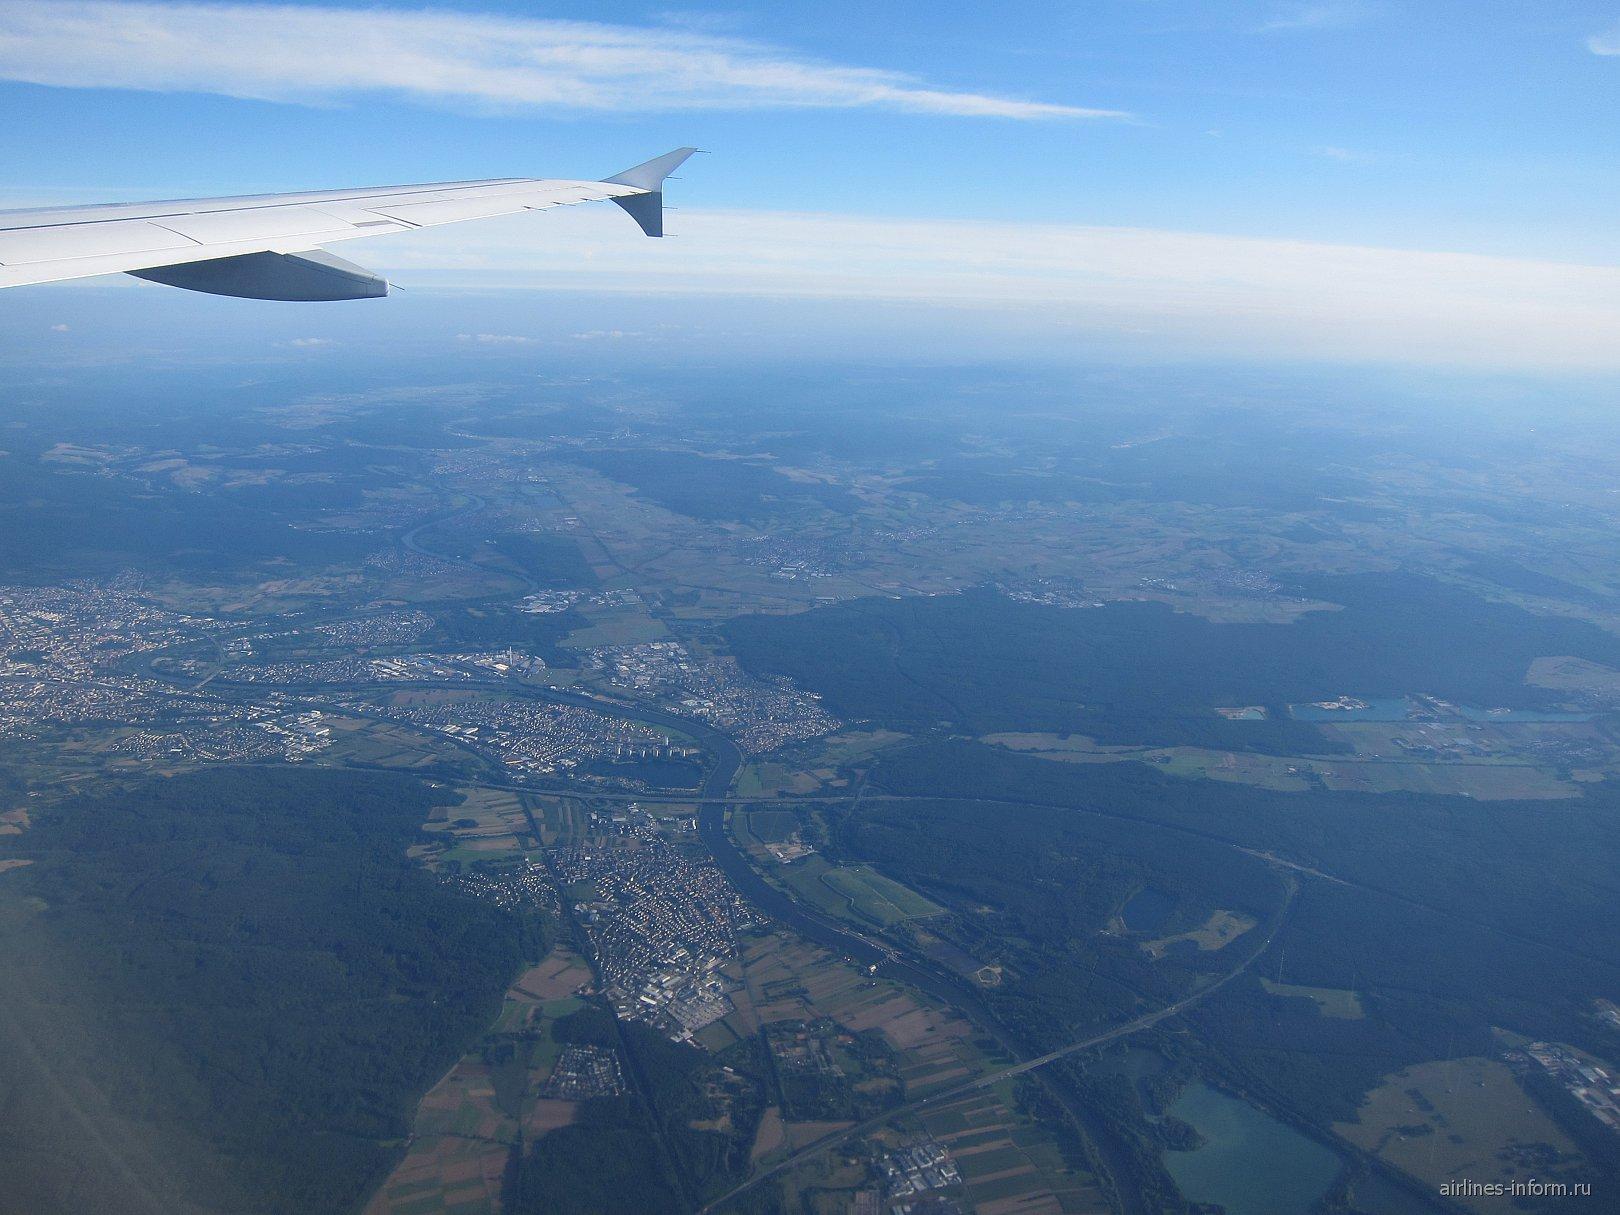 В полете над Германией - рейс из Франкфурта в Москву